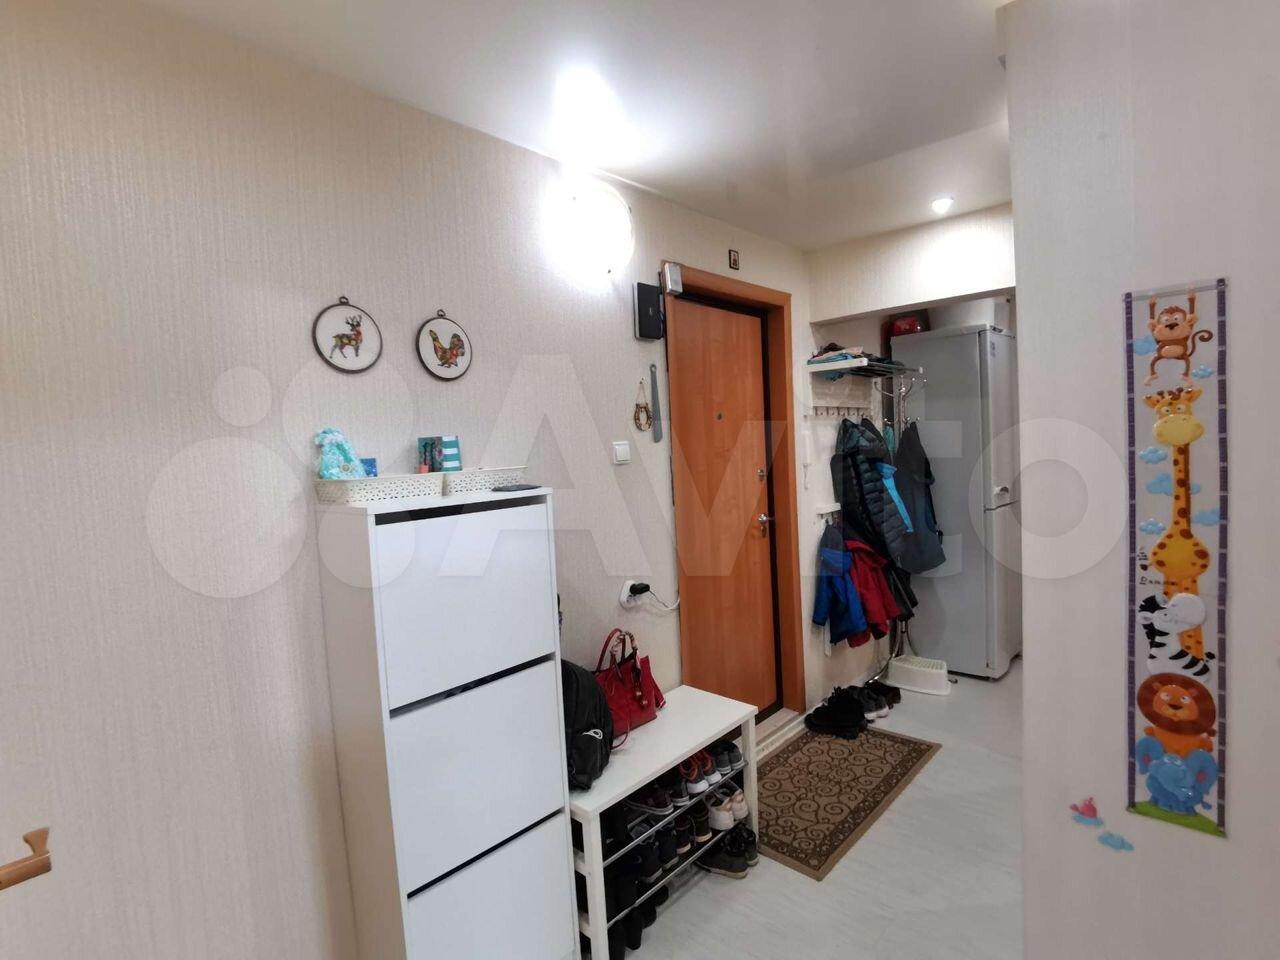 2-к квартира, 51.1 м², 7/9 эт.  89630210533 купить 1